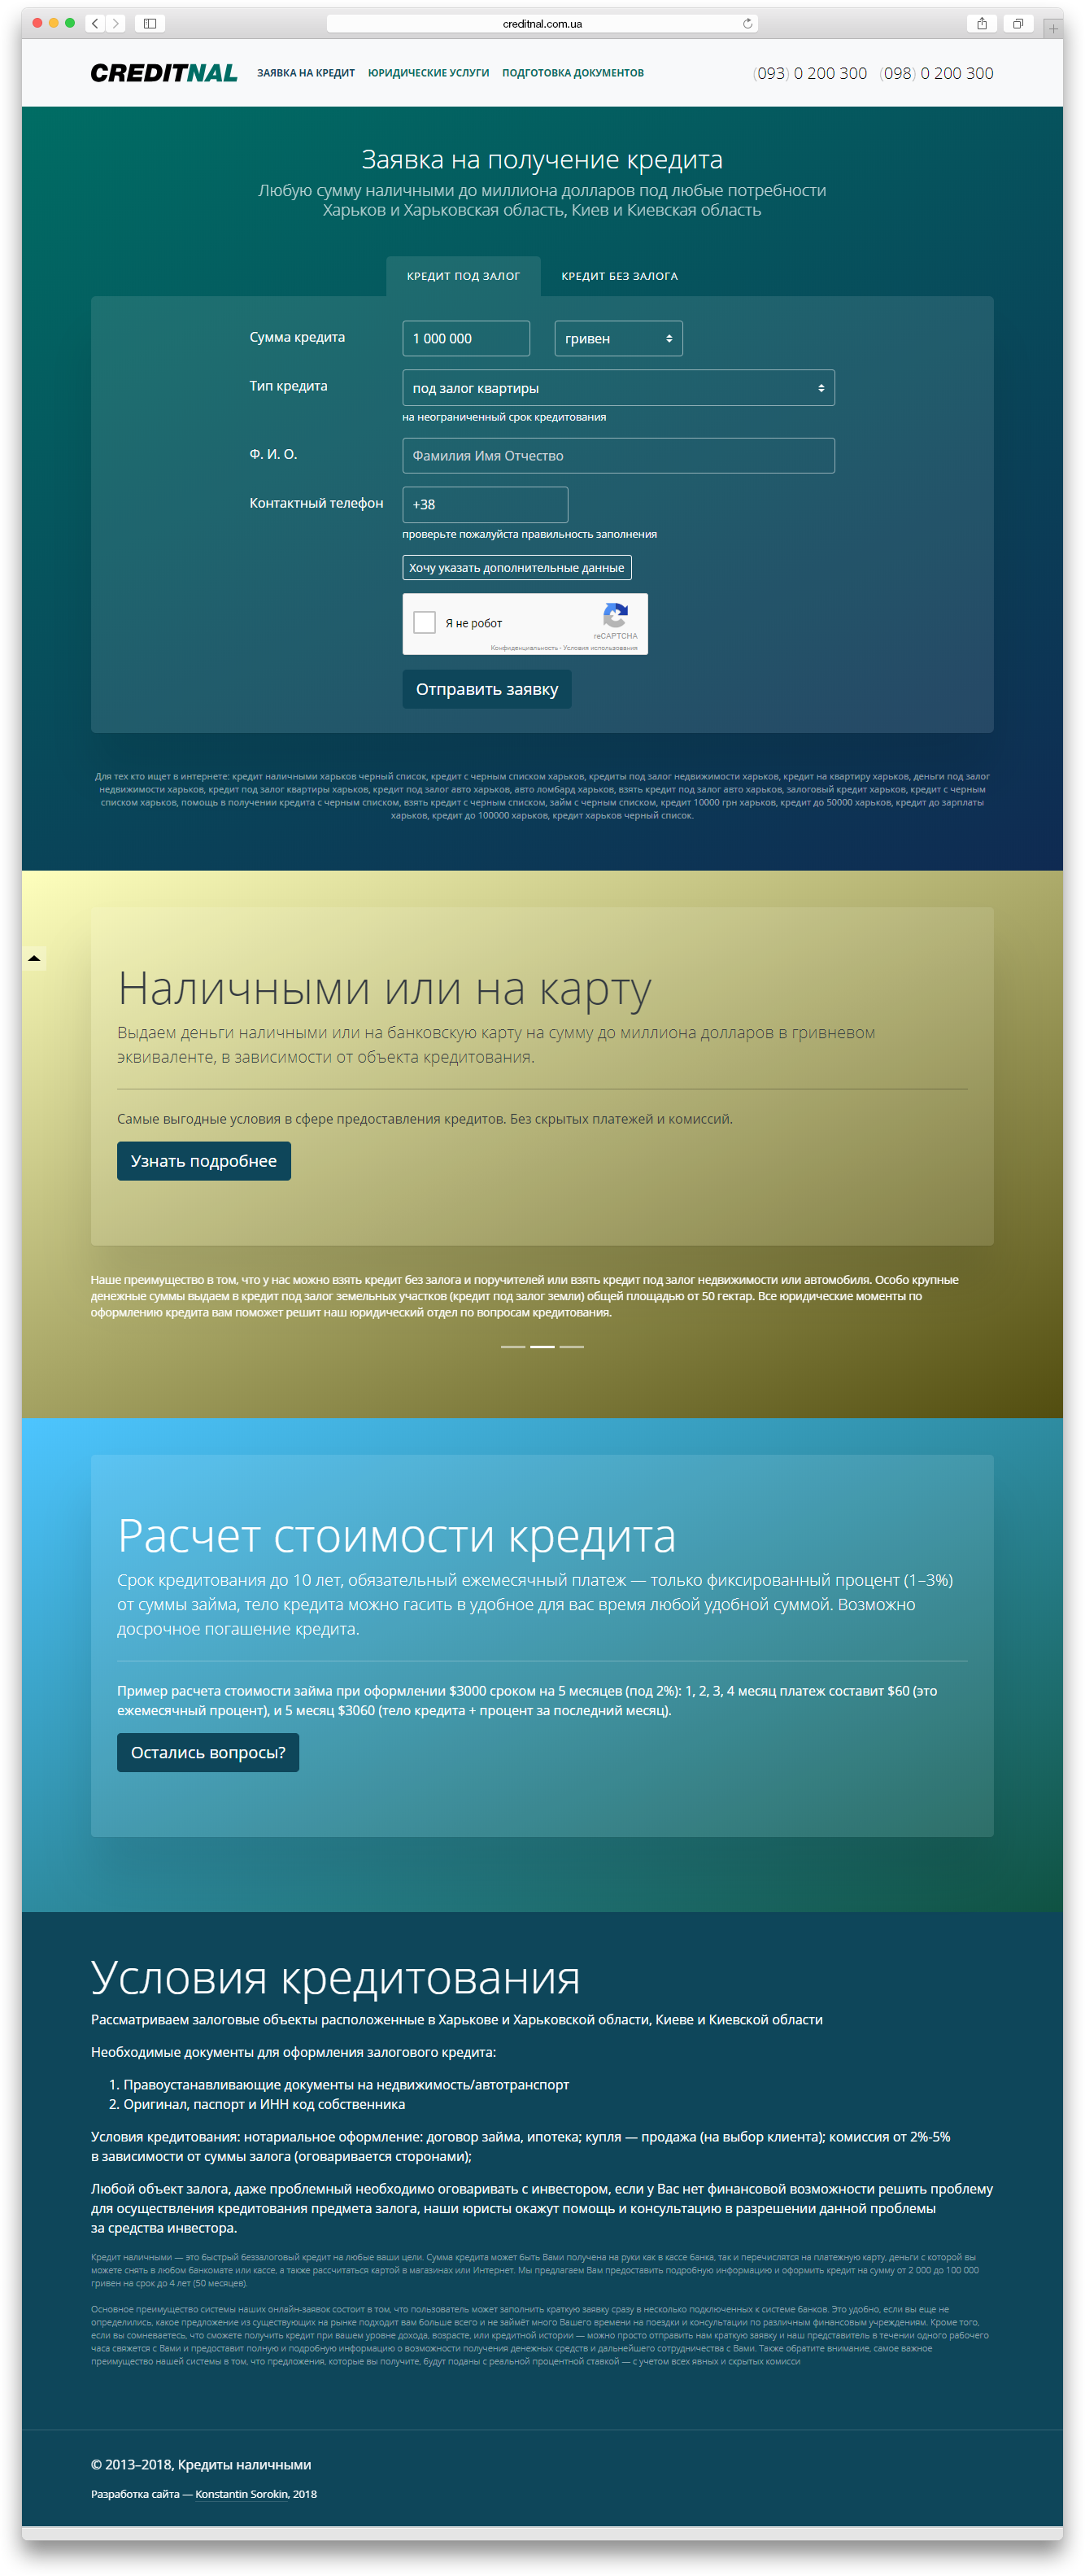 """Третья версия сайта кредитной организации """"creditnal.com.ua"""" — главная страница"""